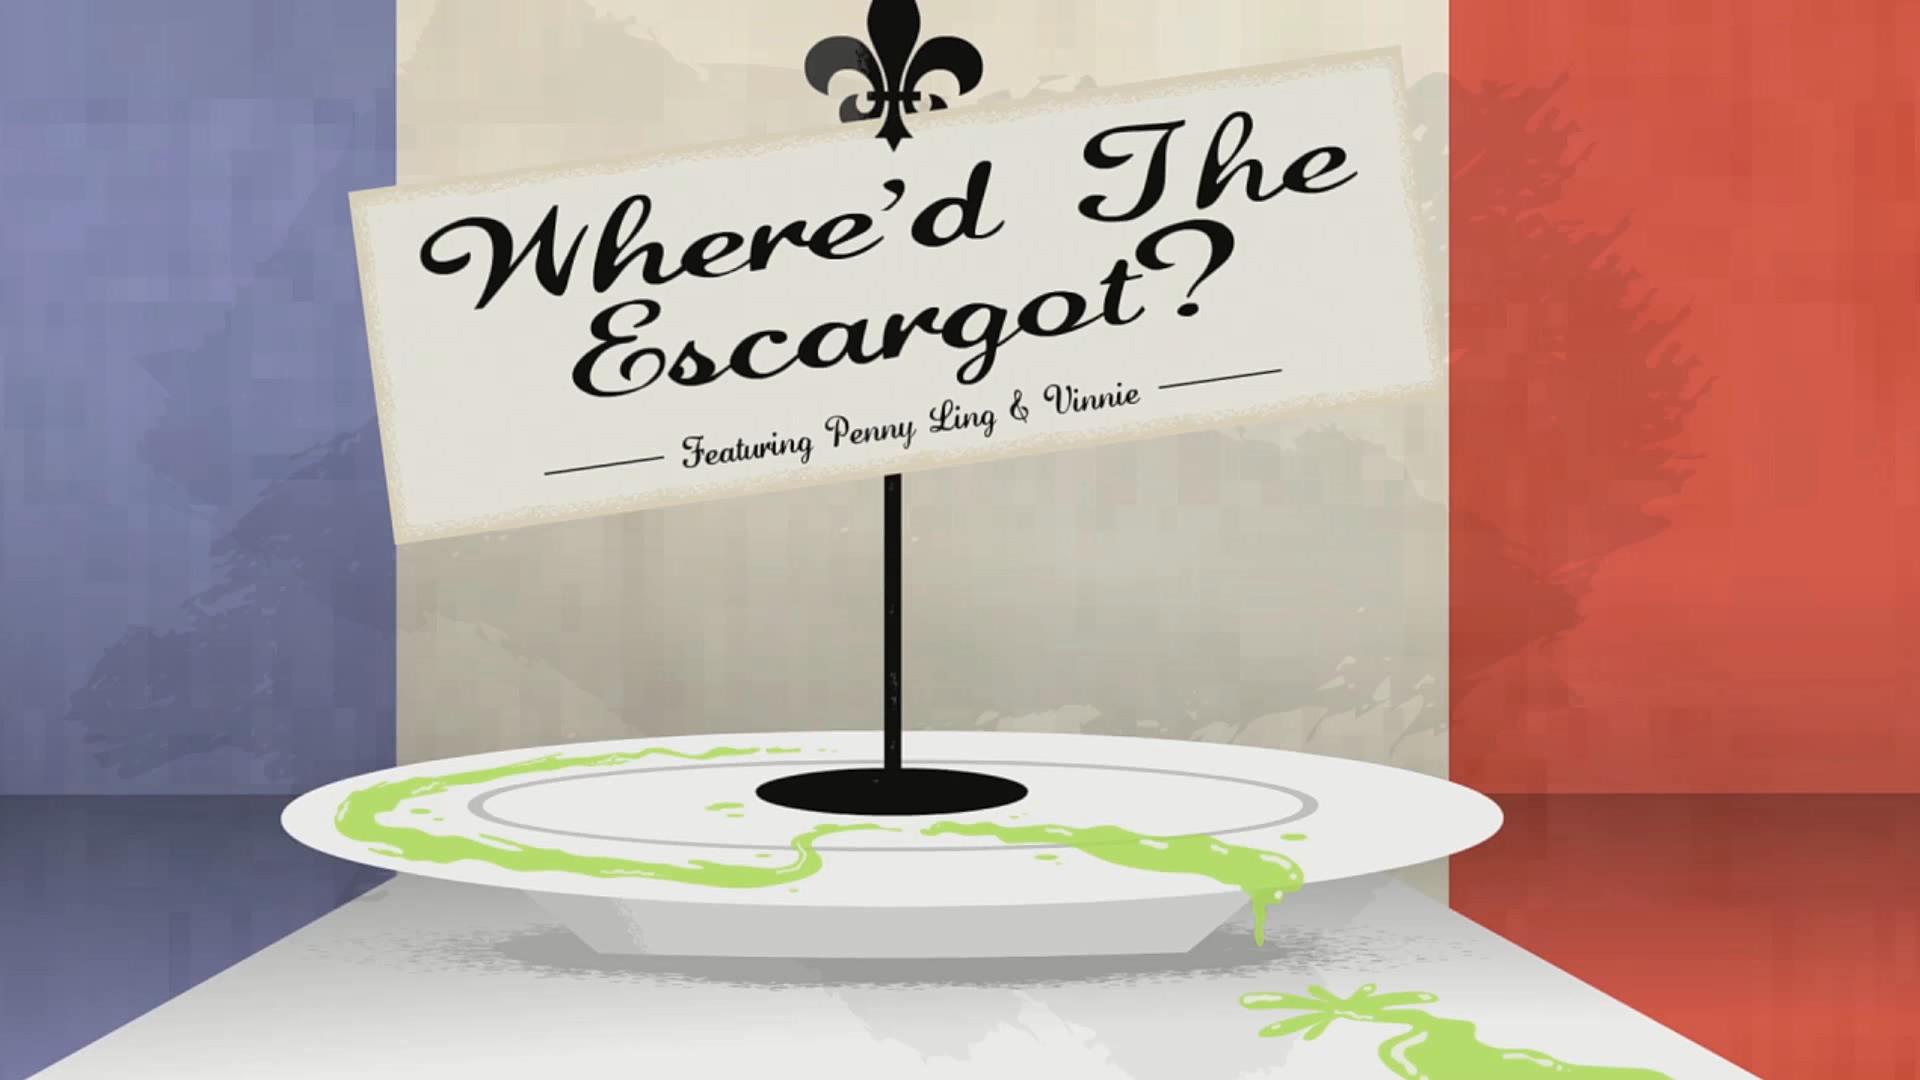 Where'd the Escargot?